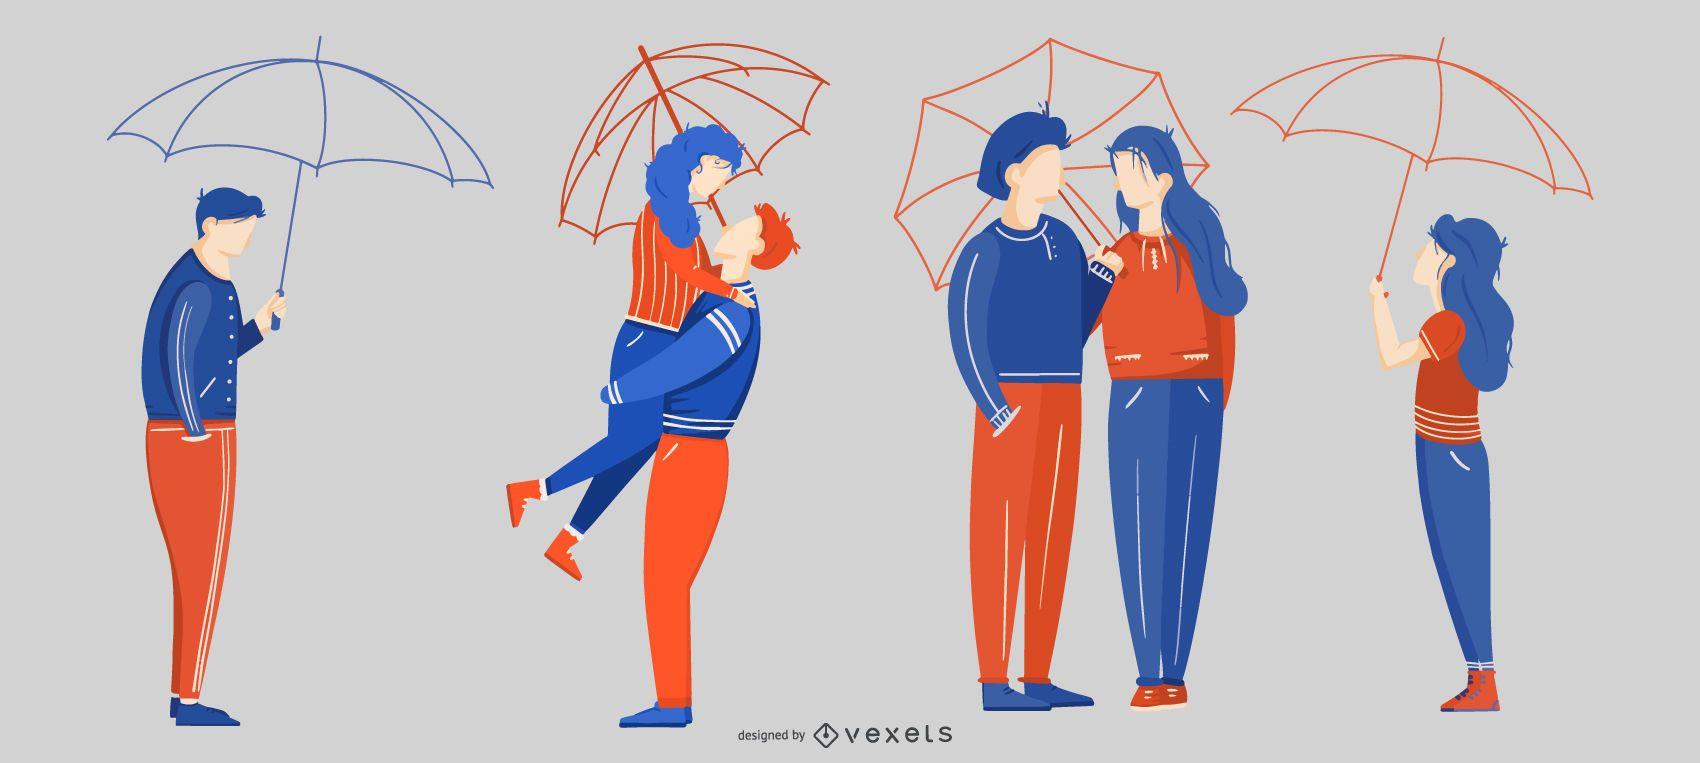 Umbrella Love People Design Pack